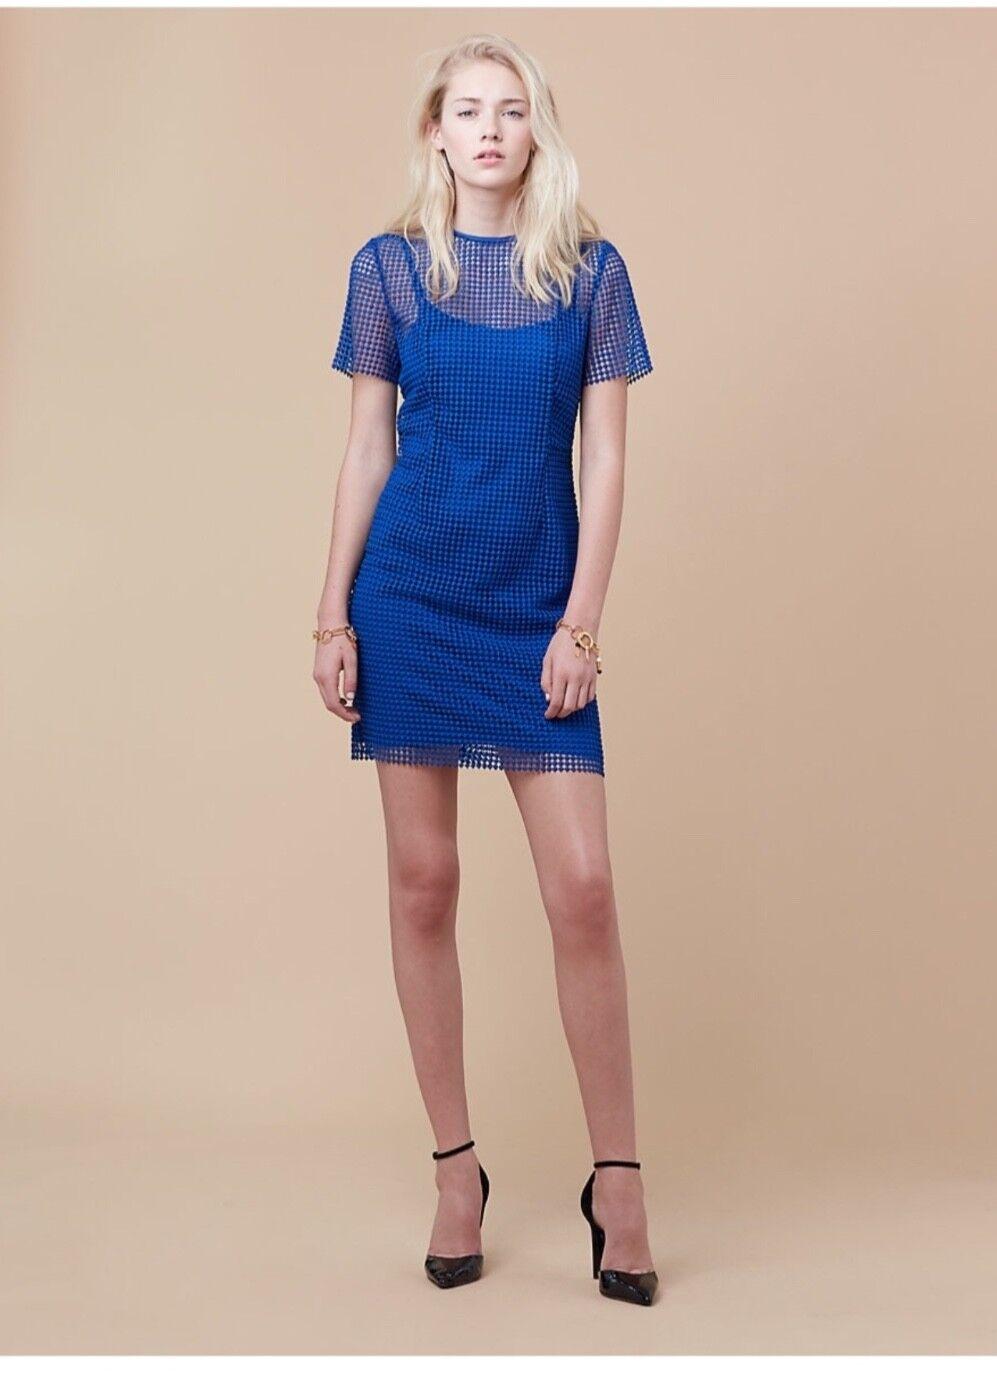 NWT Diane Von Furstenburg Chain Lace Dress in Blau - Größe 2 Retails